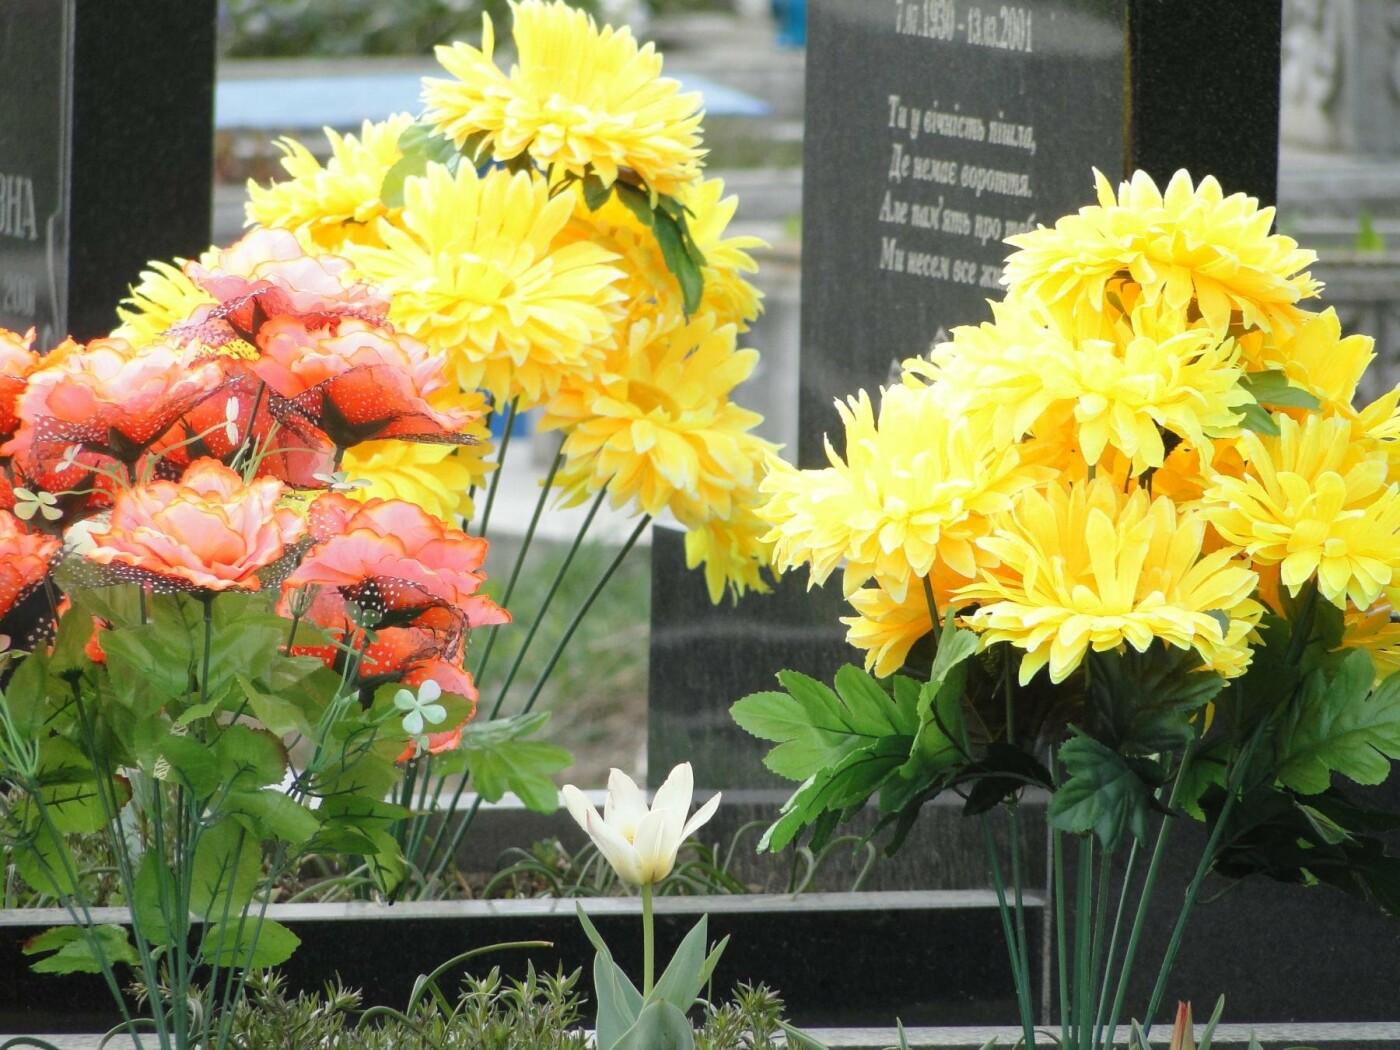 Вшанувати мертвих пам'ятаючи про живих: як виглядає хмельницьке кладовище після провідної неділі. ФОТО, фото-3